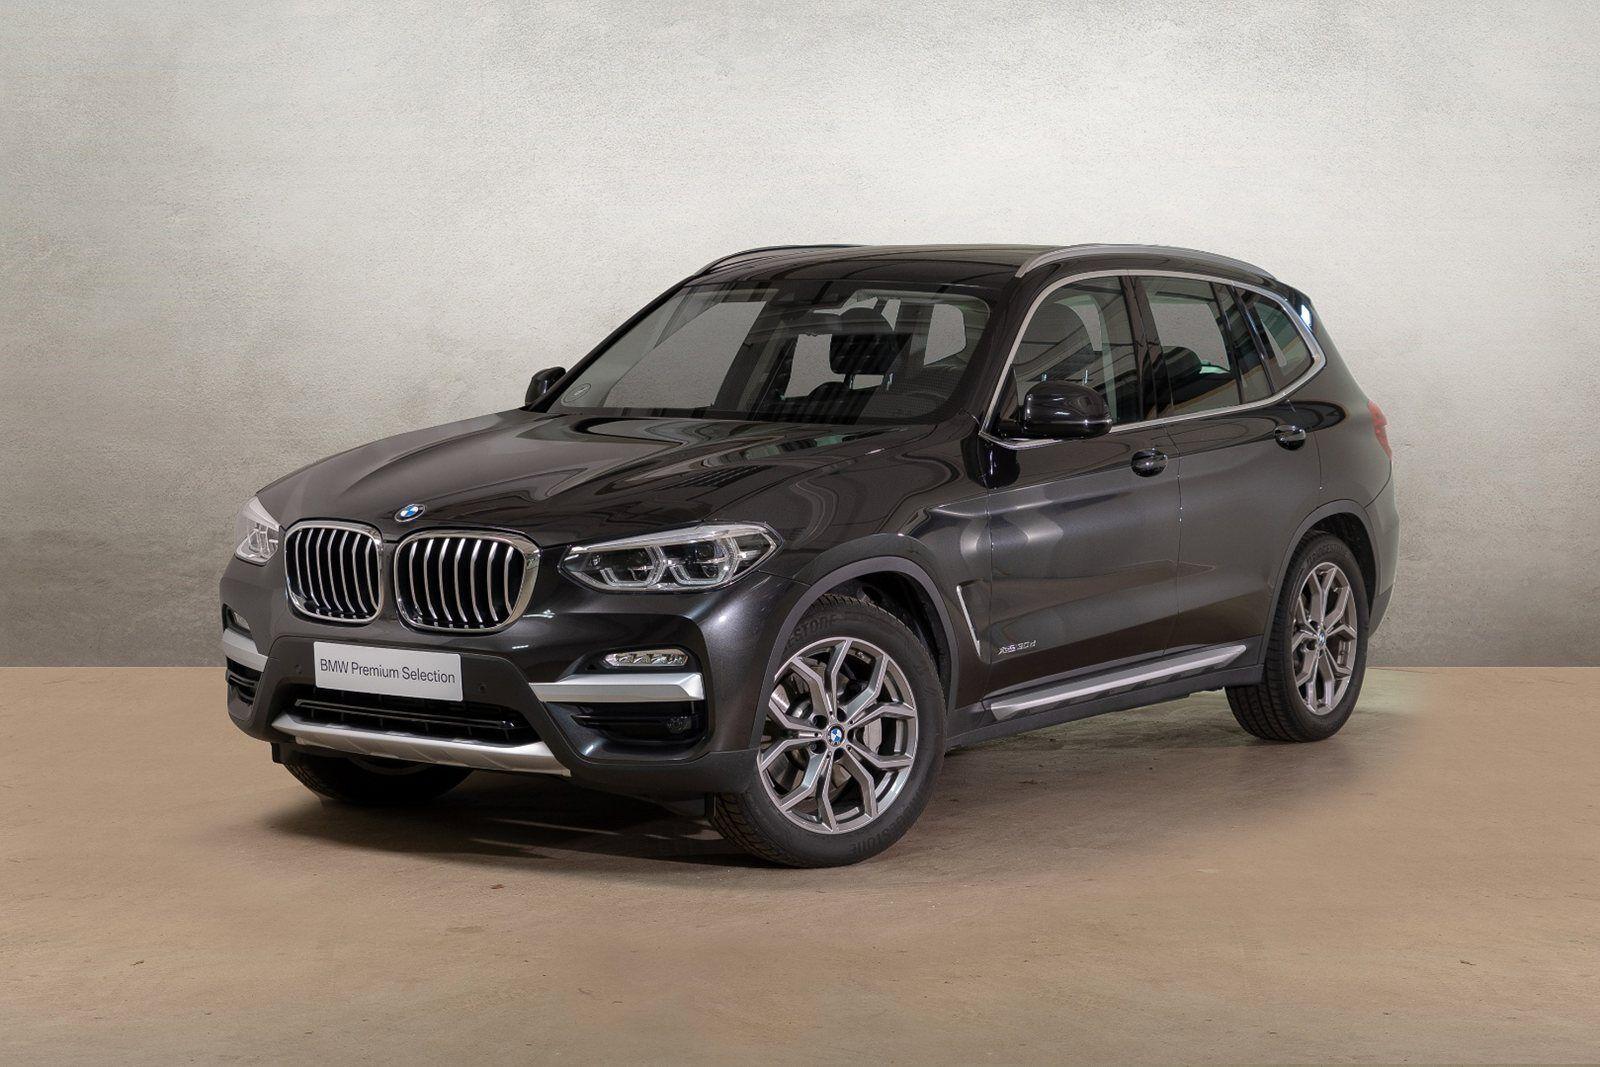 BMW X3 3,0 xDrive30d aut. 5d - 795.000 kr.